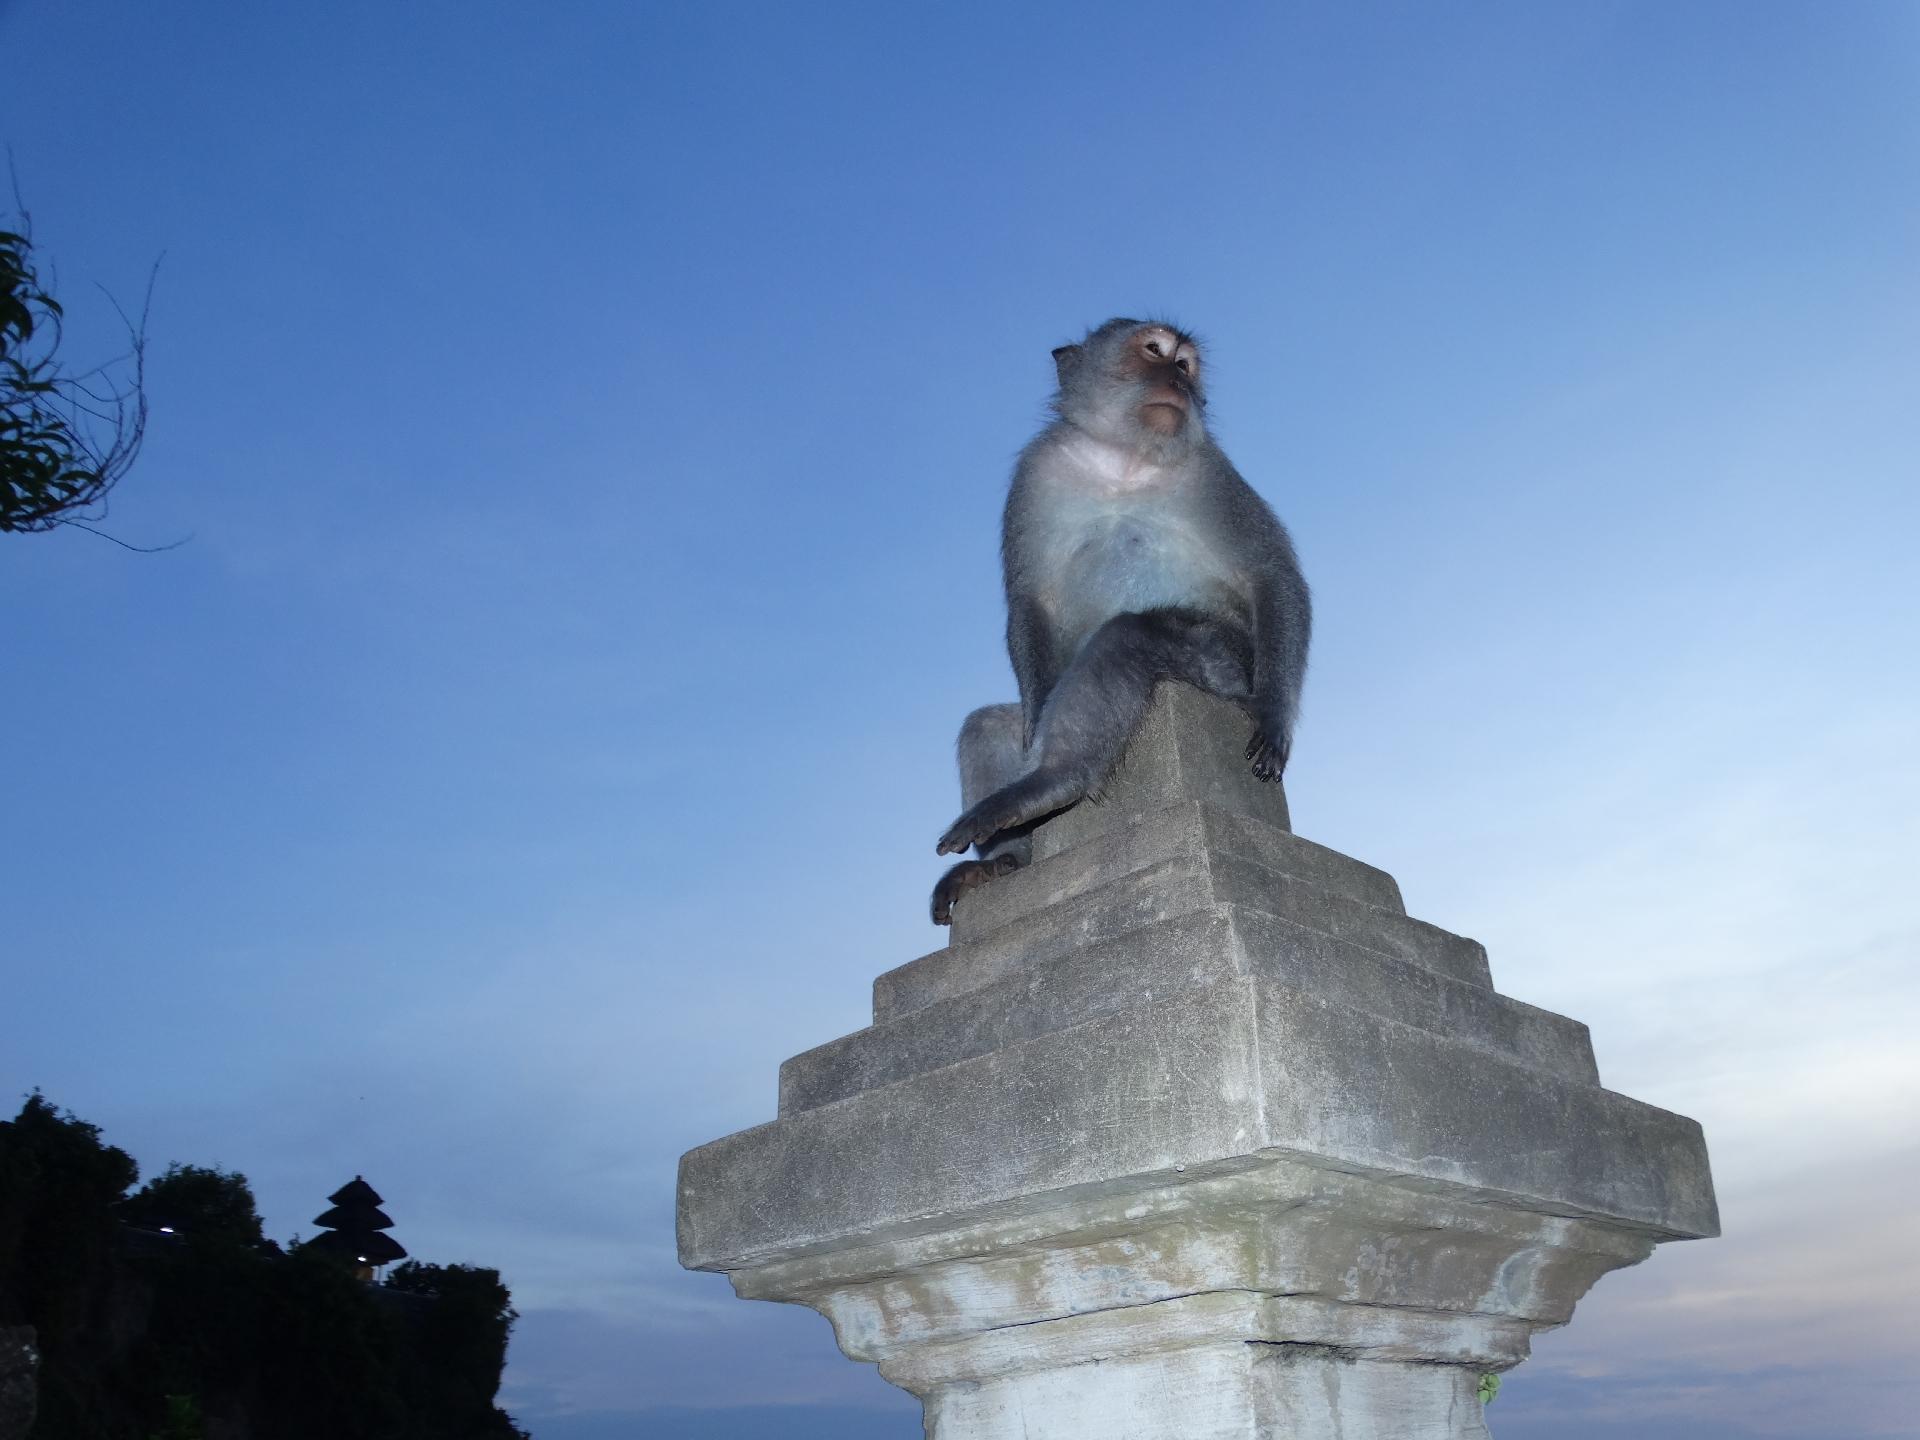 malpi-zywy-pomnik-na-uluwatu-bali